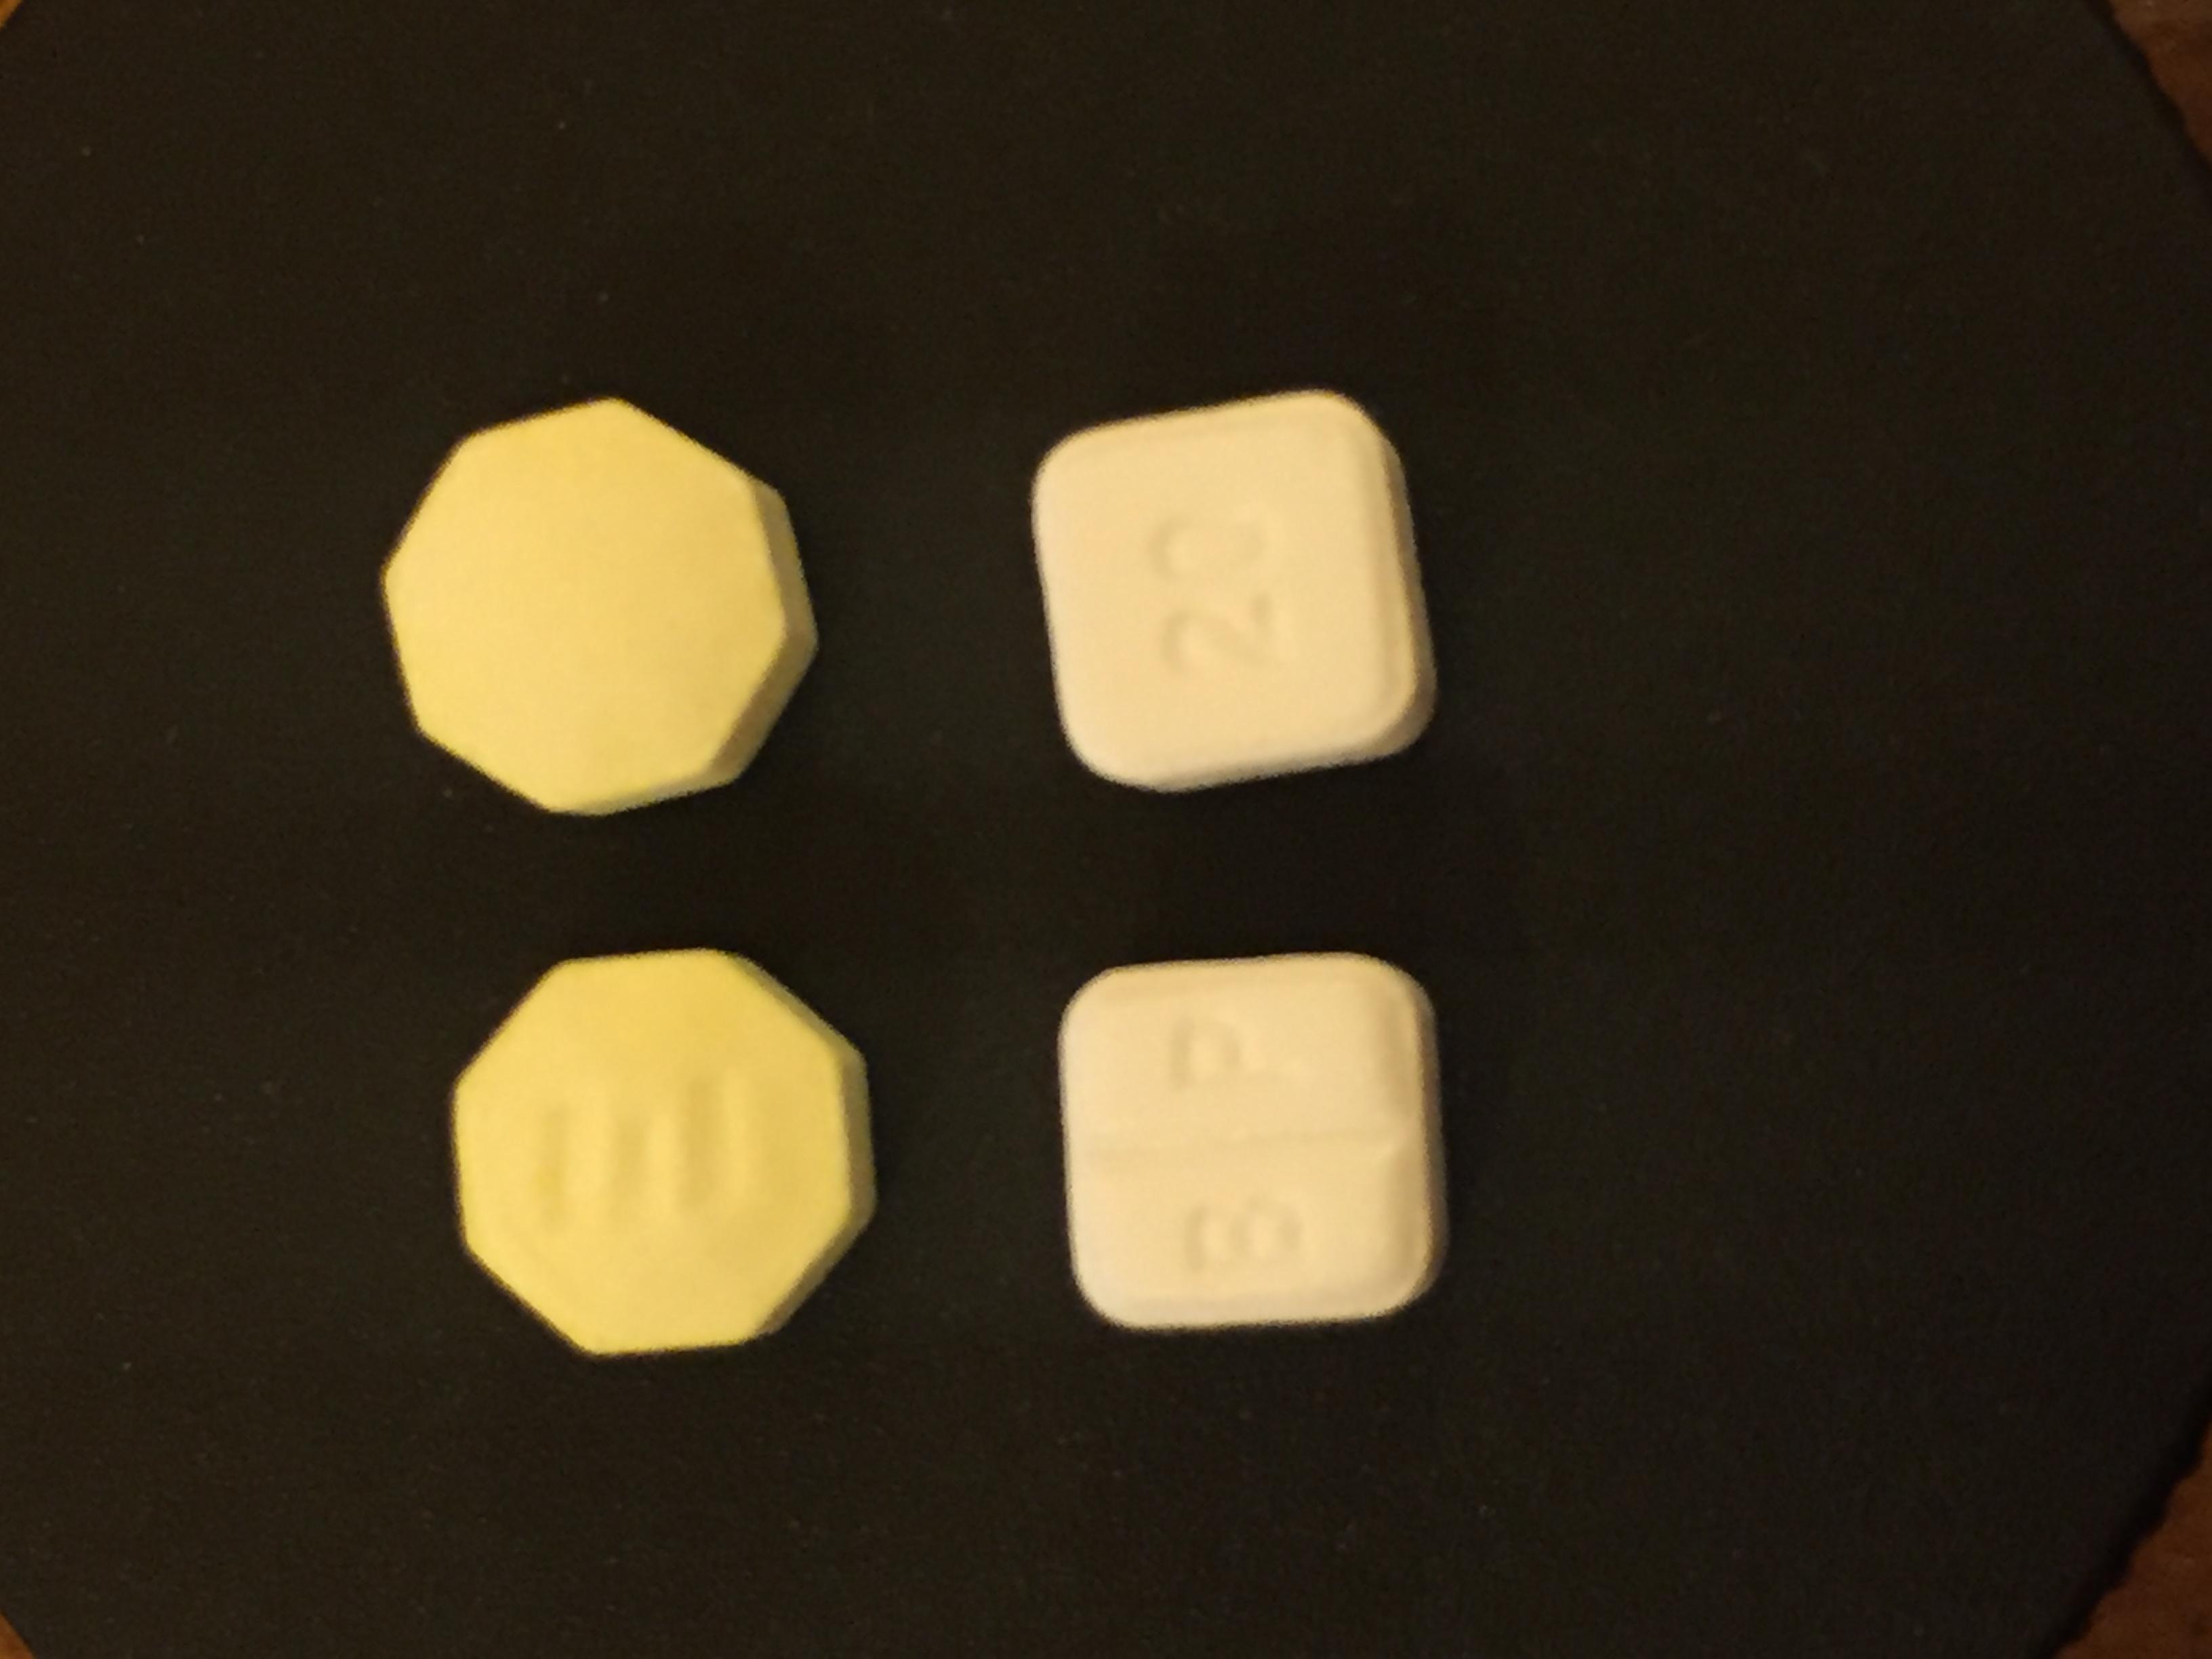 pill steroids